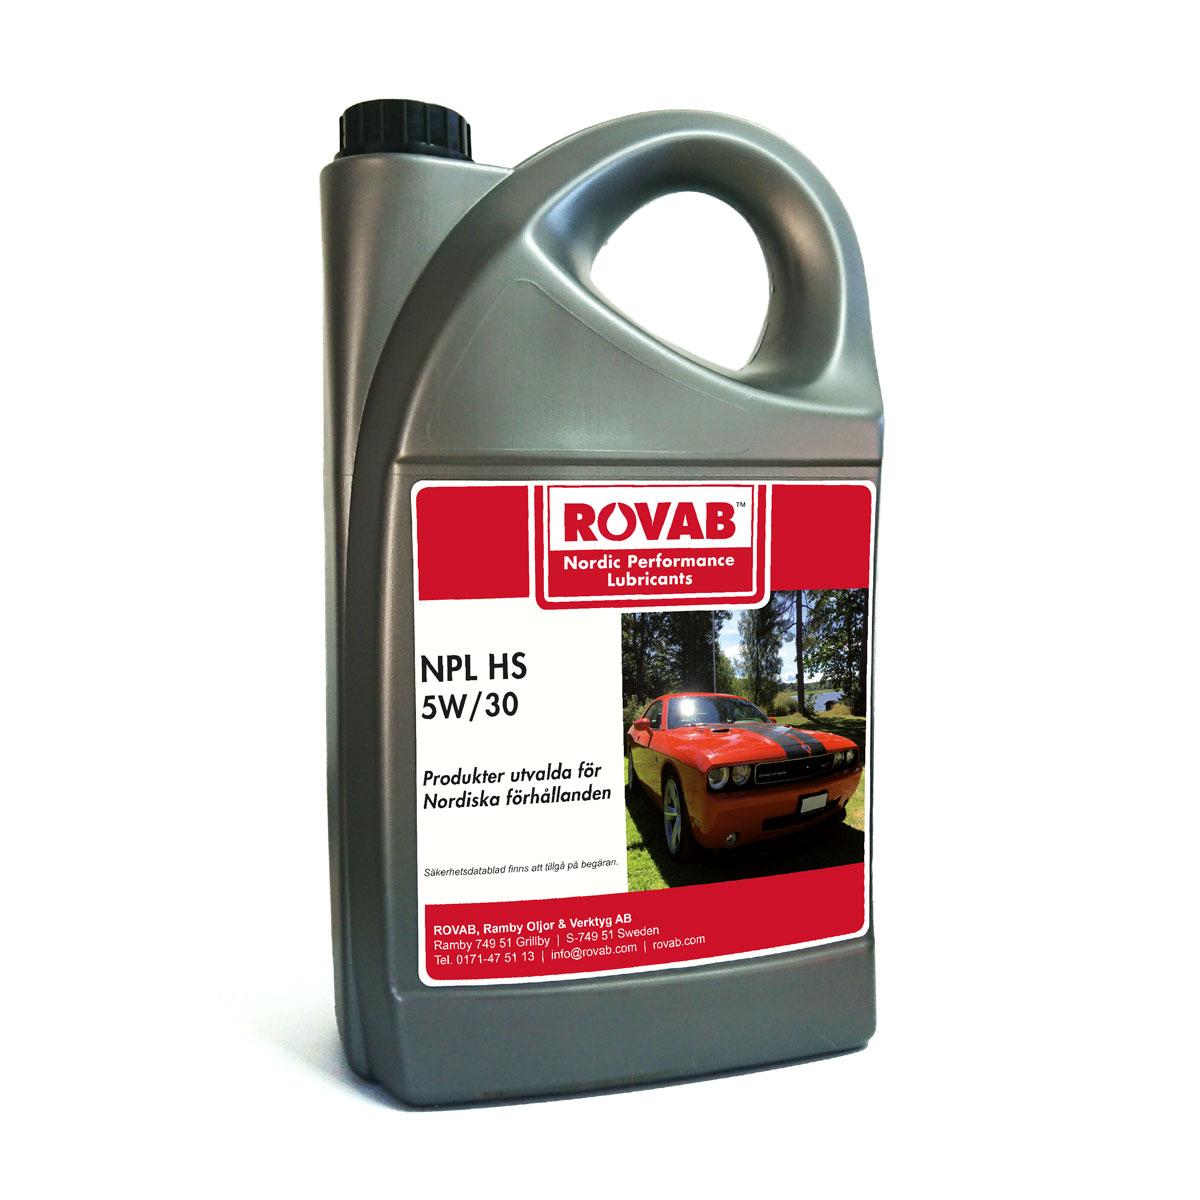 NPL HS 5W30 Motorolja 5 liter